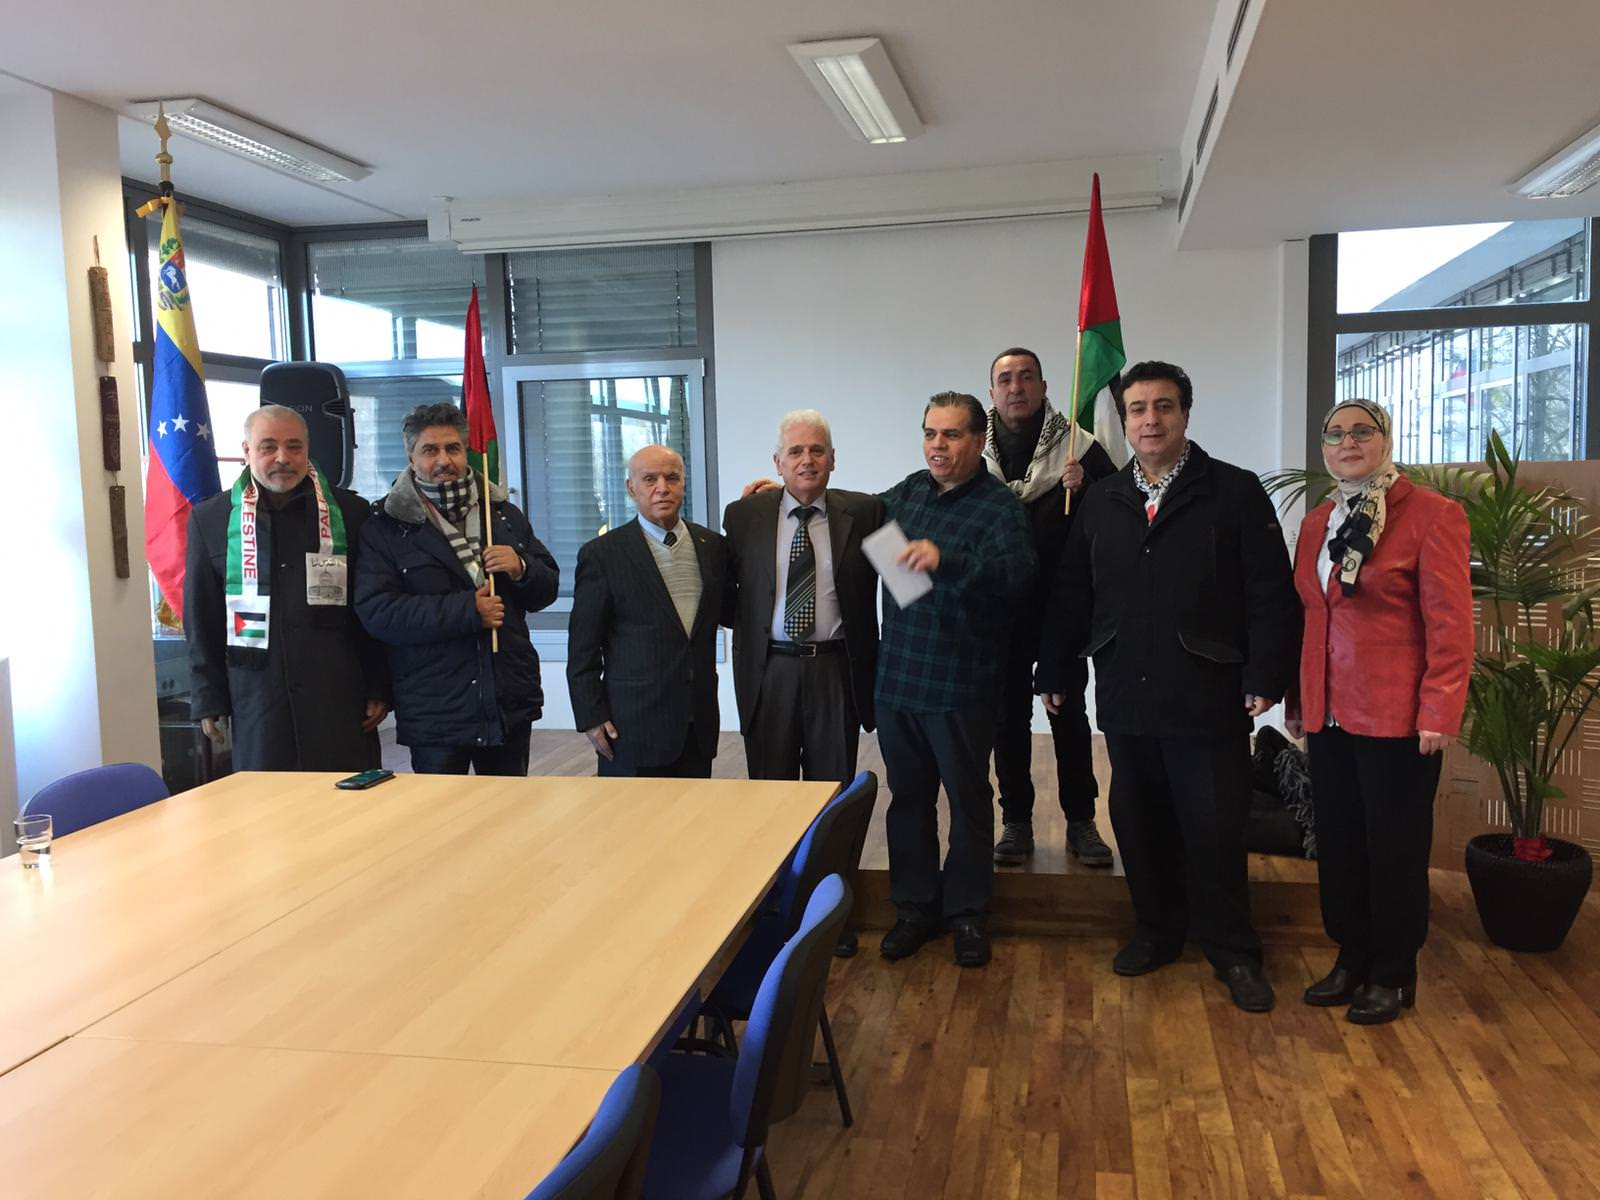 وفد من هيئة المؤسسات والجمعيات الفلسطينية والعربية في برلين بزيارة السّفارة الفنزويلية في المانيا